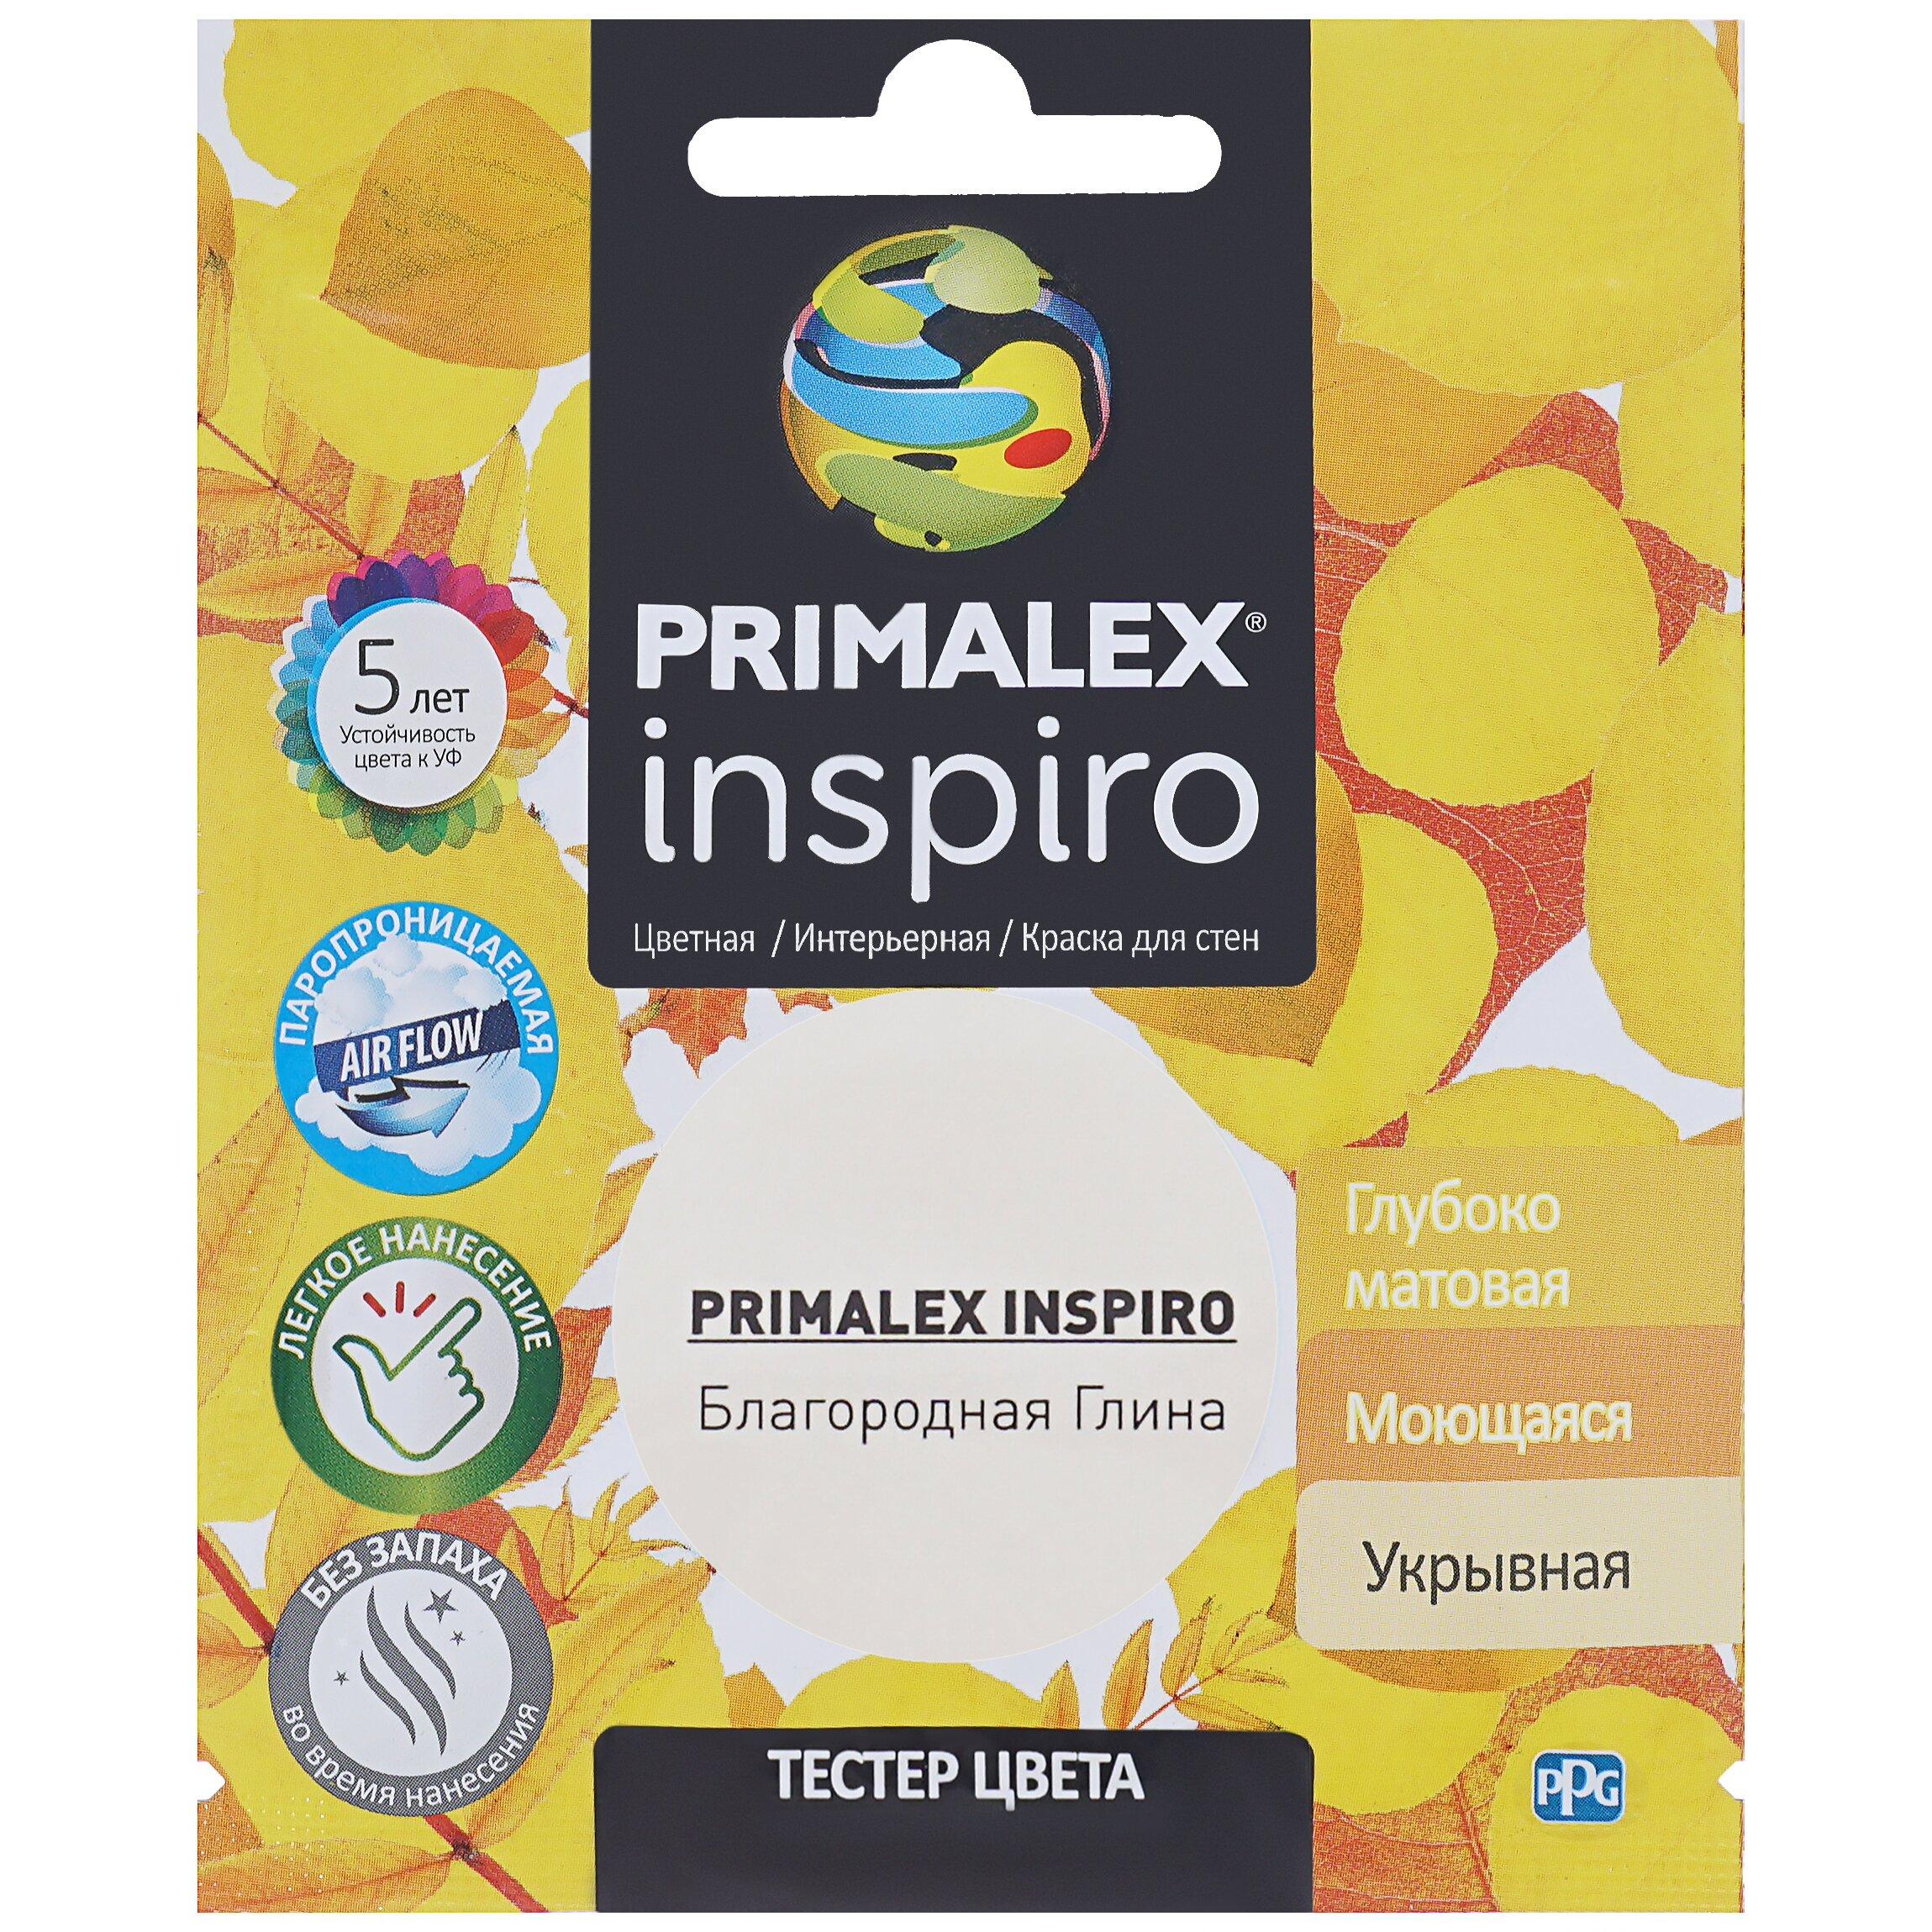 Краска PPG Primalex Inspiro Благородная Глина 40мл, PMX-I25PMX-I25Интерьерная водоэмульсионная краска, глубокоматовая (без блеска), образует прочный слой, стойкий к истиранию, мытью, царапинам, УФ-лучам. Расход 14м2/л. Наносится на необработанные поверхности, а также применяется для обновления оштукатуренных и зашитых гипсокартоном оснований. Помимо функций декоративной краски состав выполняет задачи штукатурки, устраняя небольшие дефекты основания. Рекомендуется для использования в жилых и коммерческих помещениях: жилых комнатах, офисах, гостиничных номерах, переговорных комнатах. Цвет - Благородная Глина